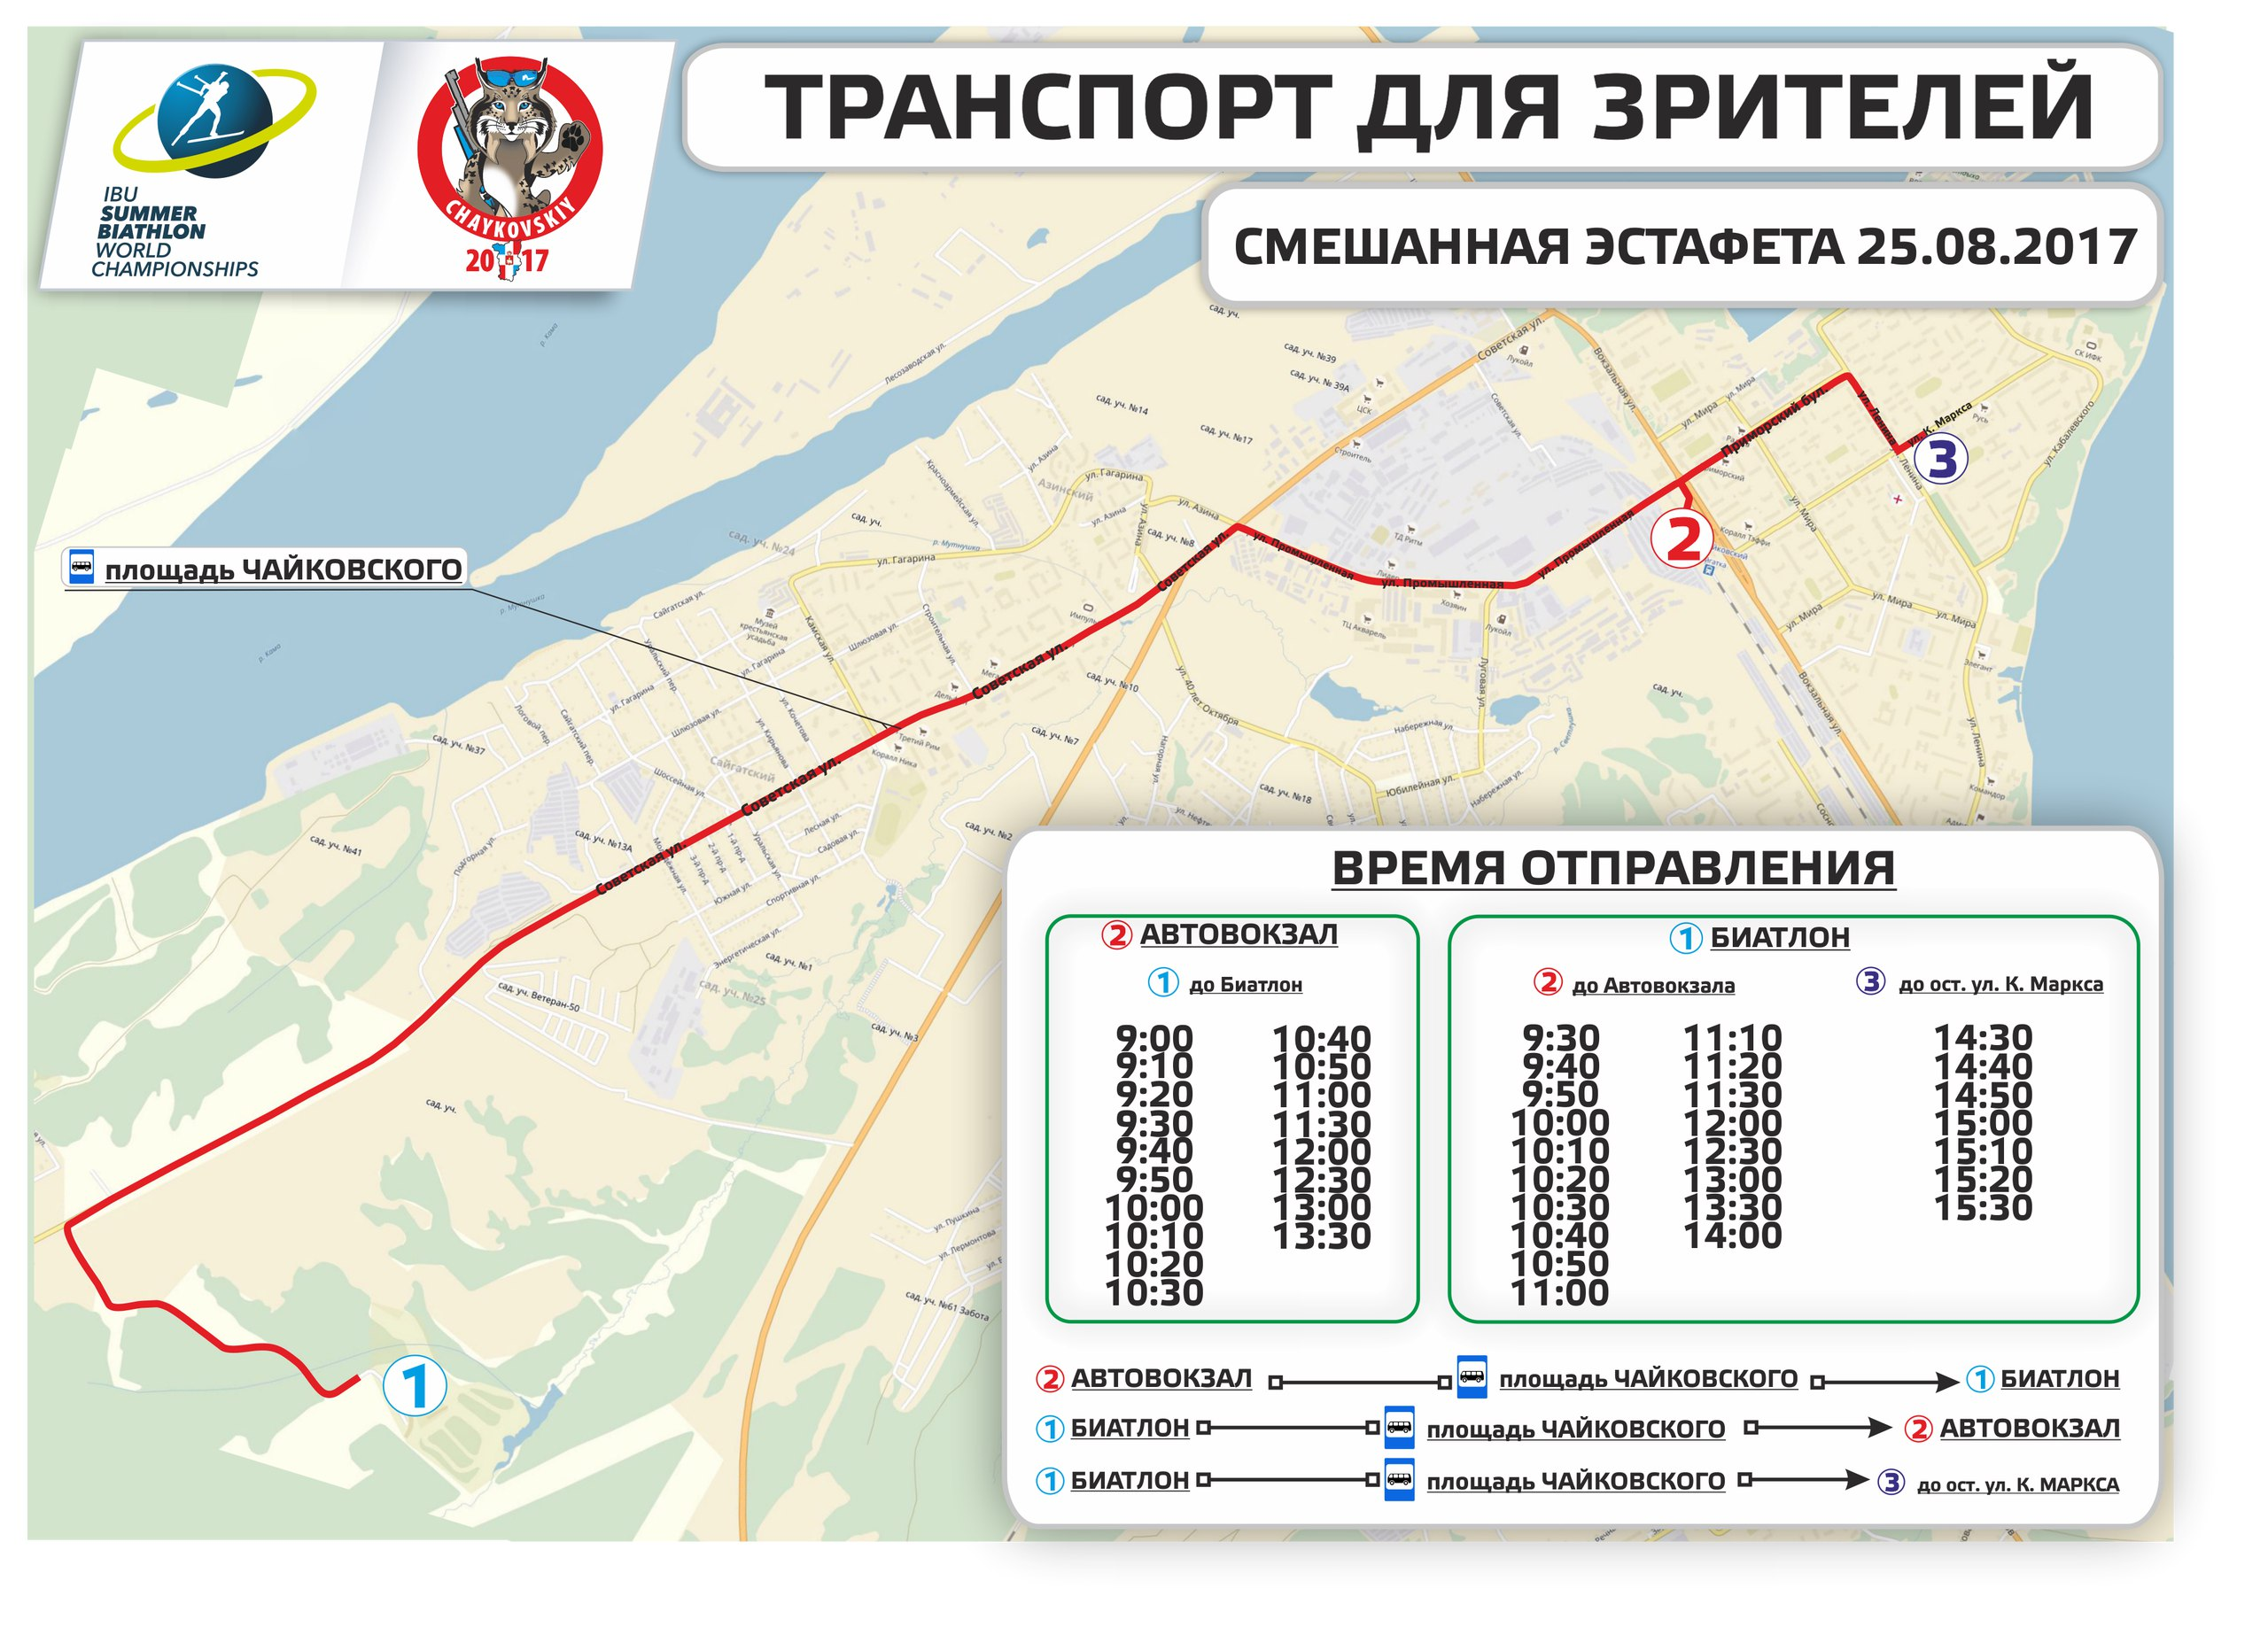 Расписание автобусов во время Чемпионата мира по биатлону, Чайковский, 2017 год